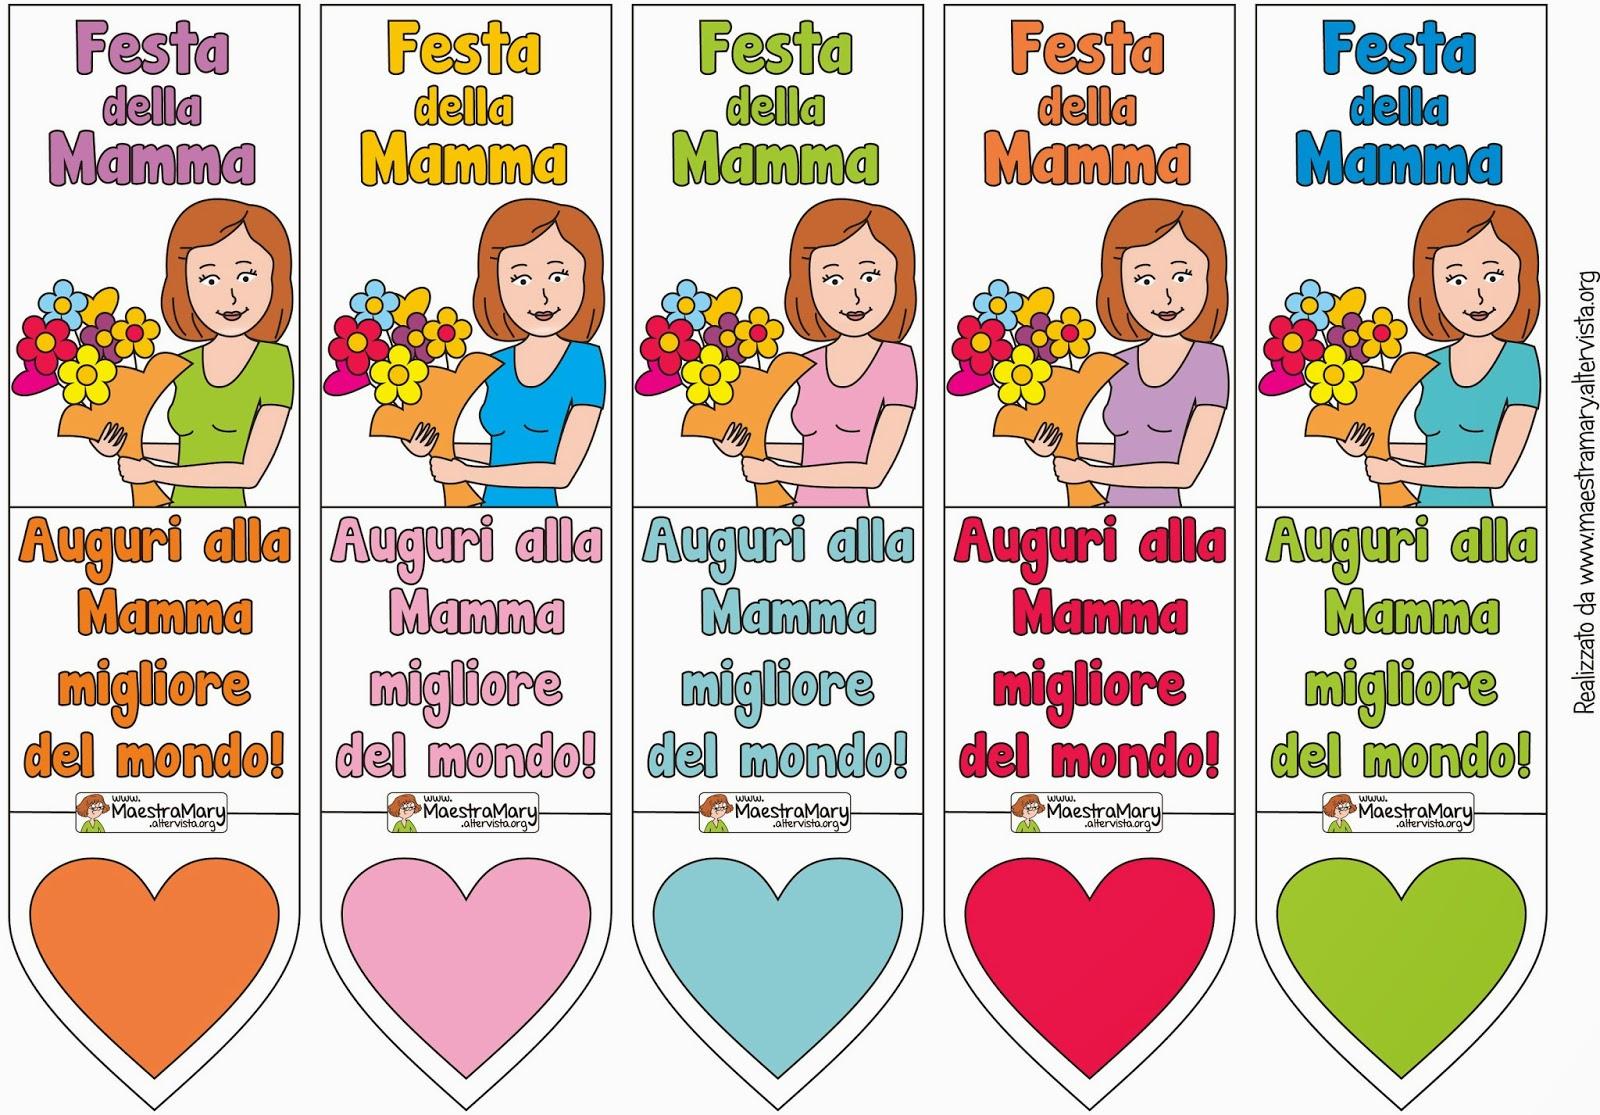 Favoloso Festa della mamma - Idee per Lavoretti ~ Facciamo festa insieme XD71